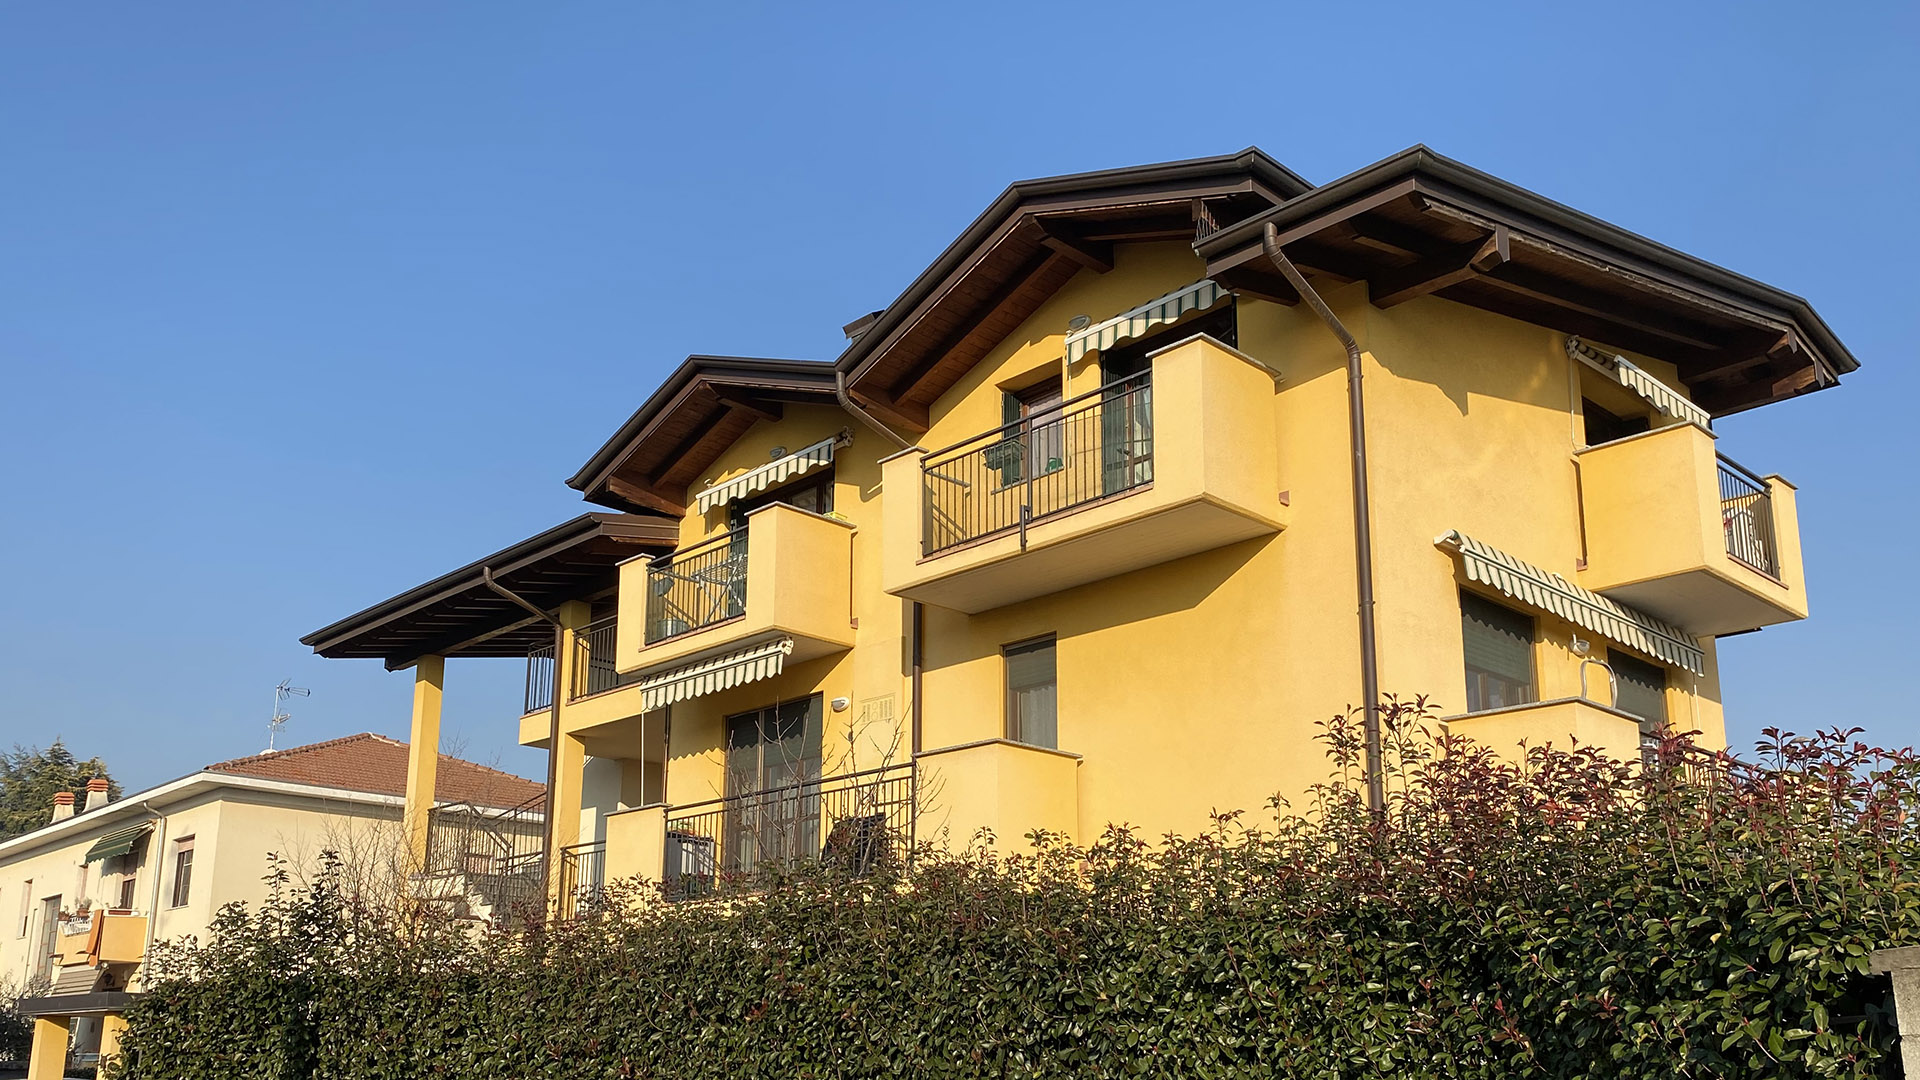 Appartamento trilocale con travi a vista, Solbiate Olona